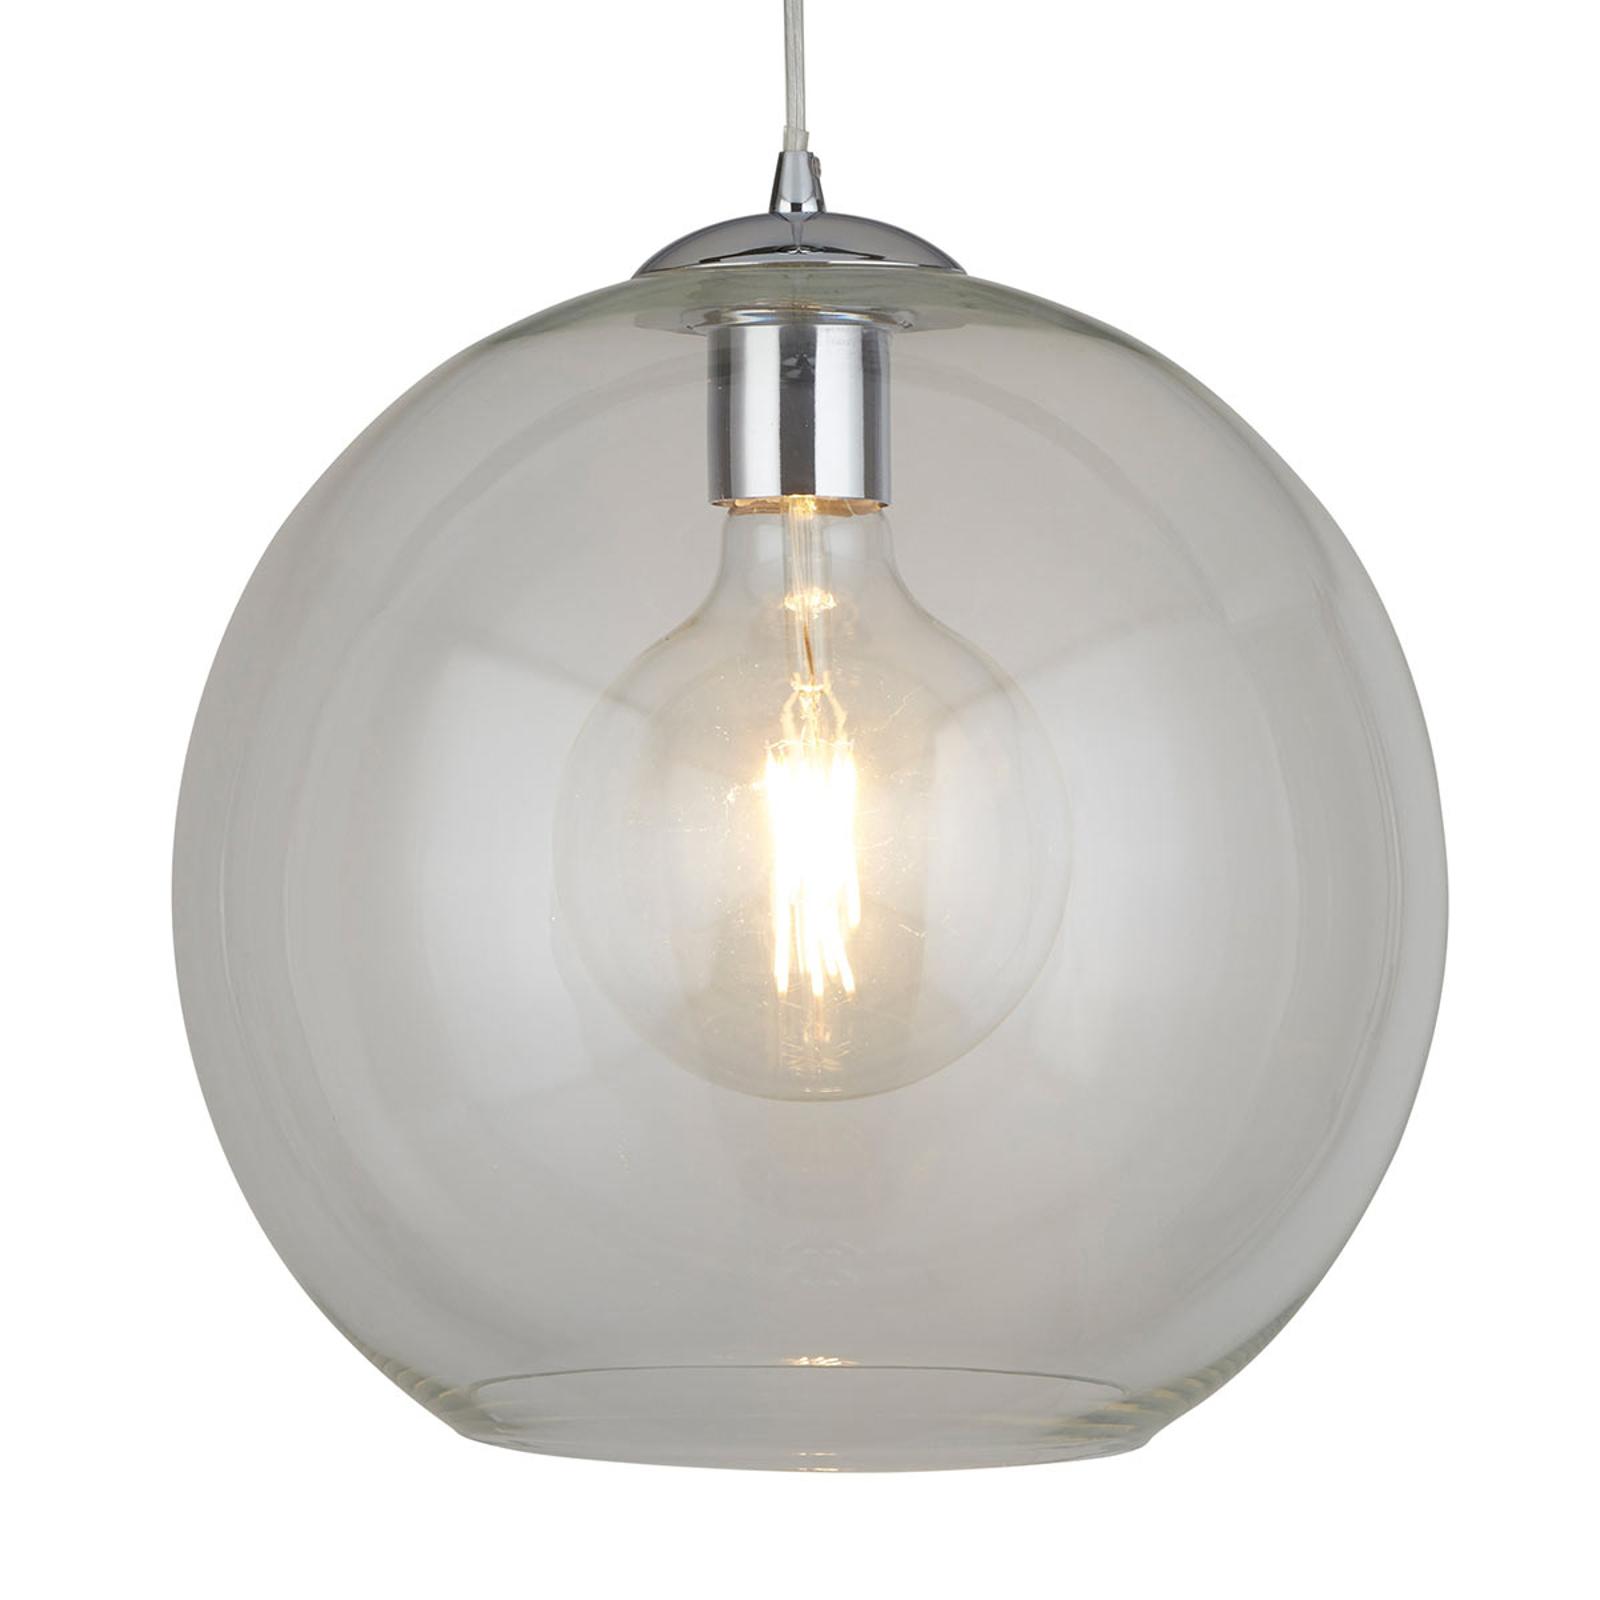 Szklana lampa wisząca Balls, 30 cm, przezroczysta